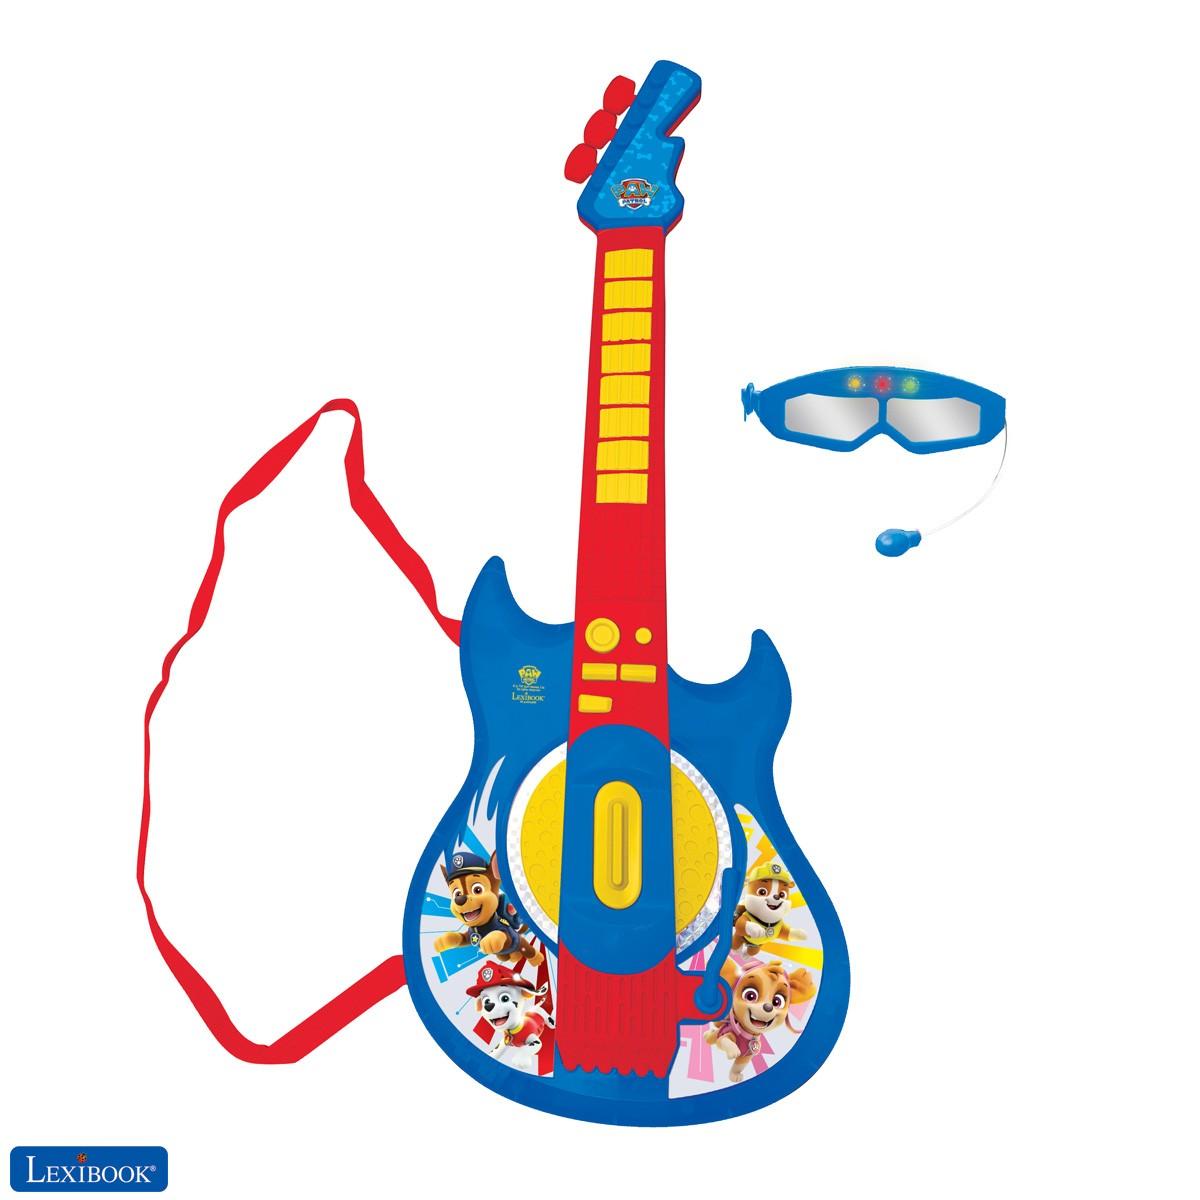 Paw Patrol La Patrulla Canina Guitarra electrónica luminosa con micrófono